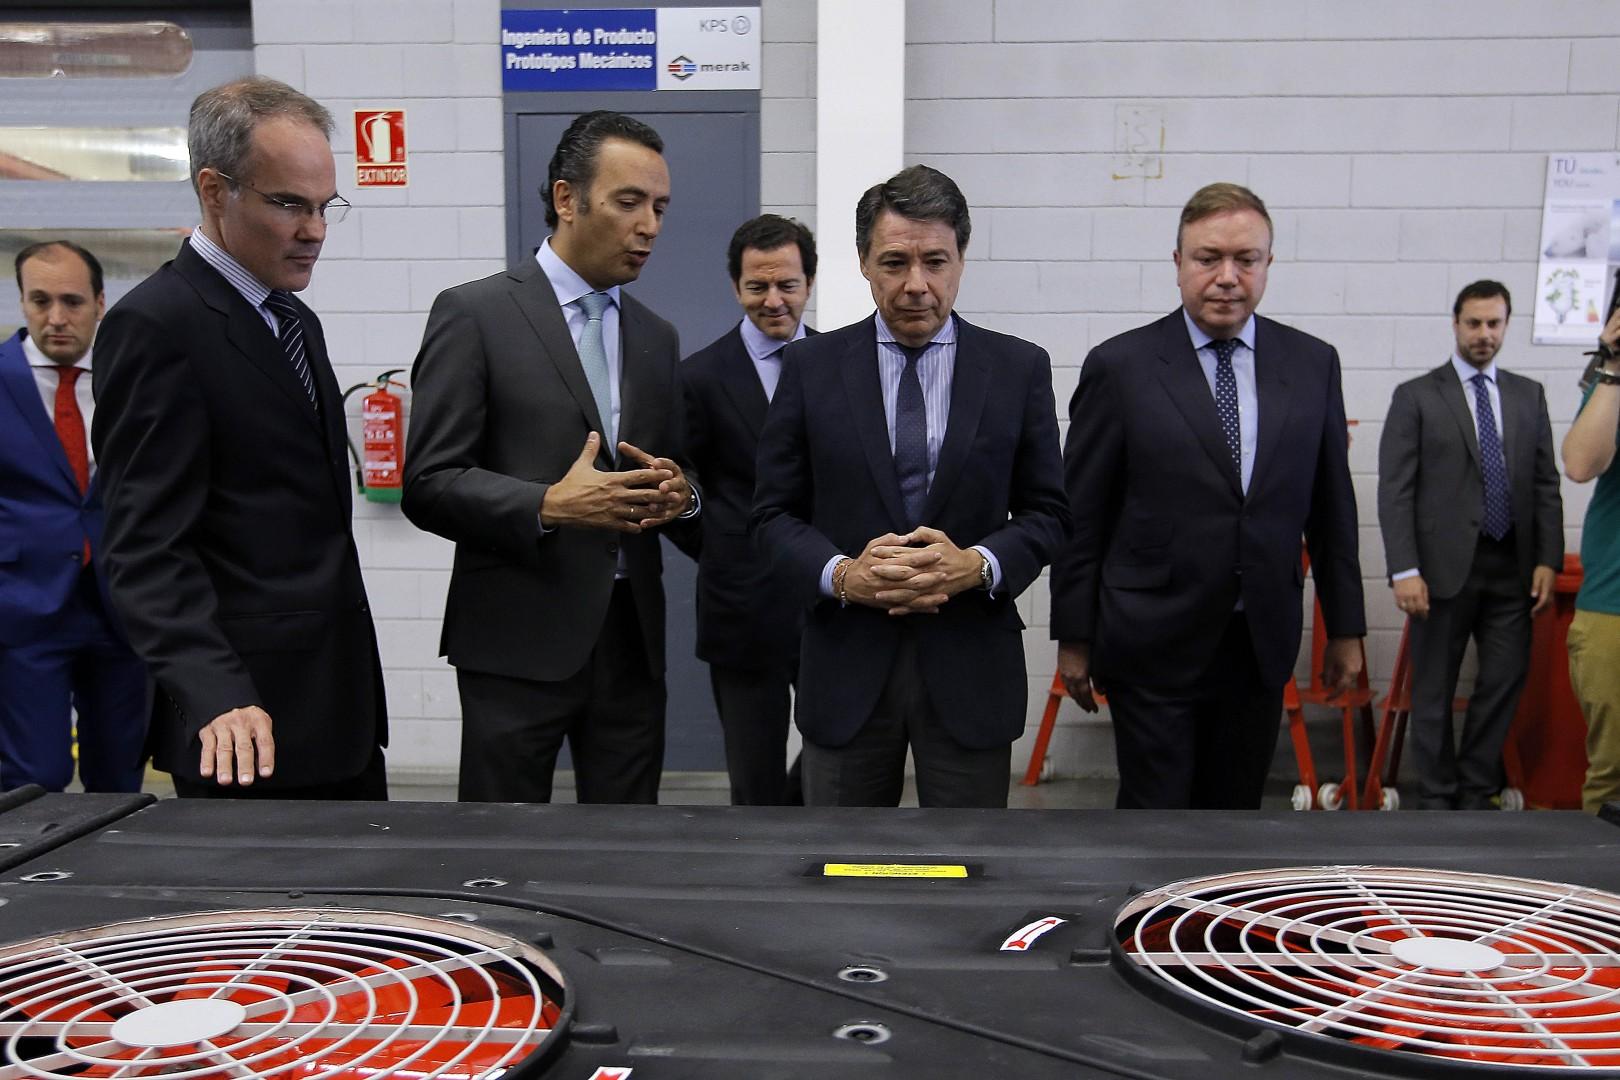 El presidente de la Comunidad de Madrid, Ignacio González, en su visita a la empresa encargada de renovar el sistema de aire acondicionado de la red de metro.